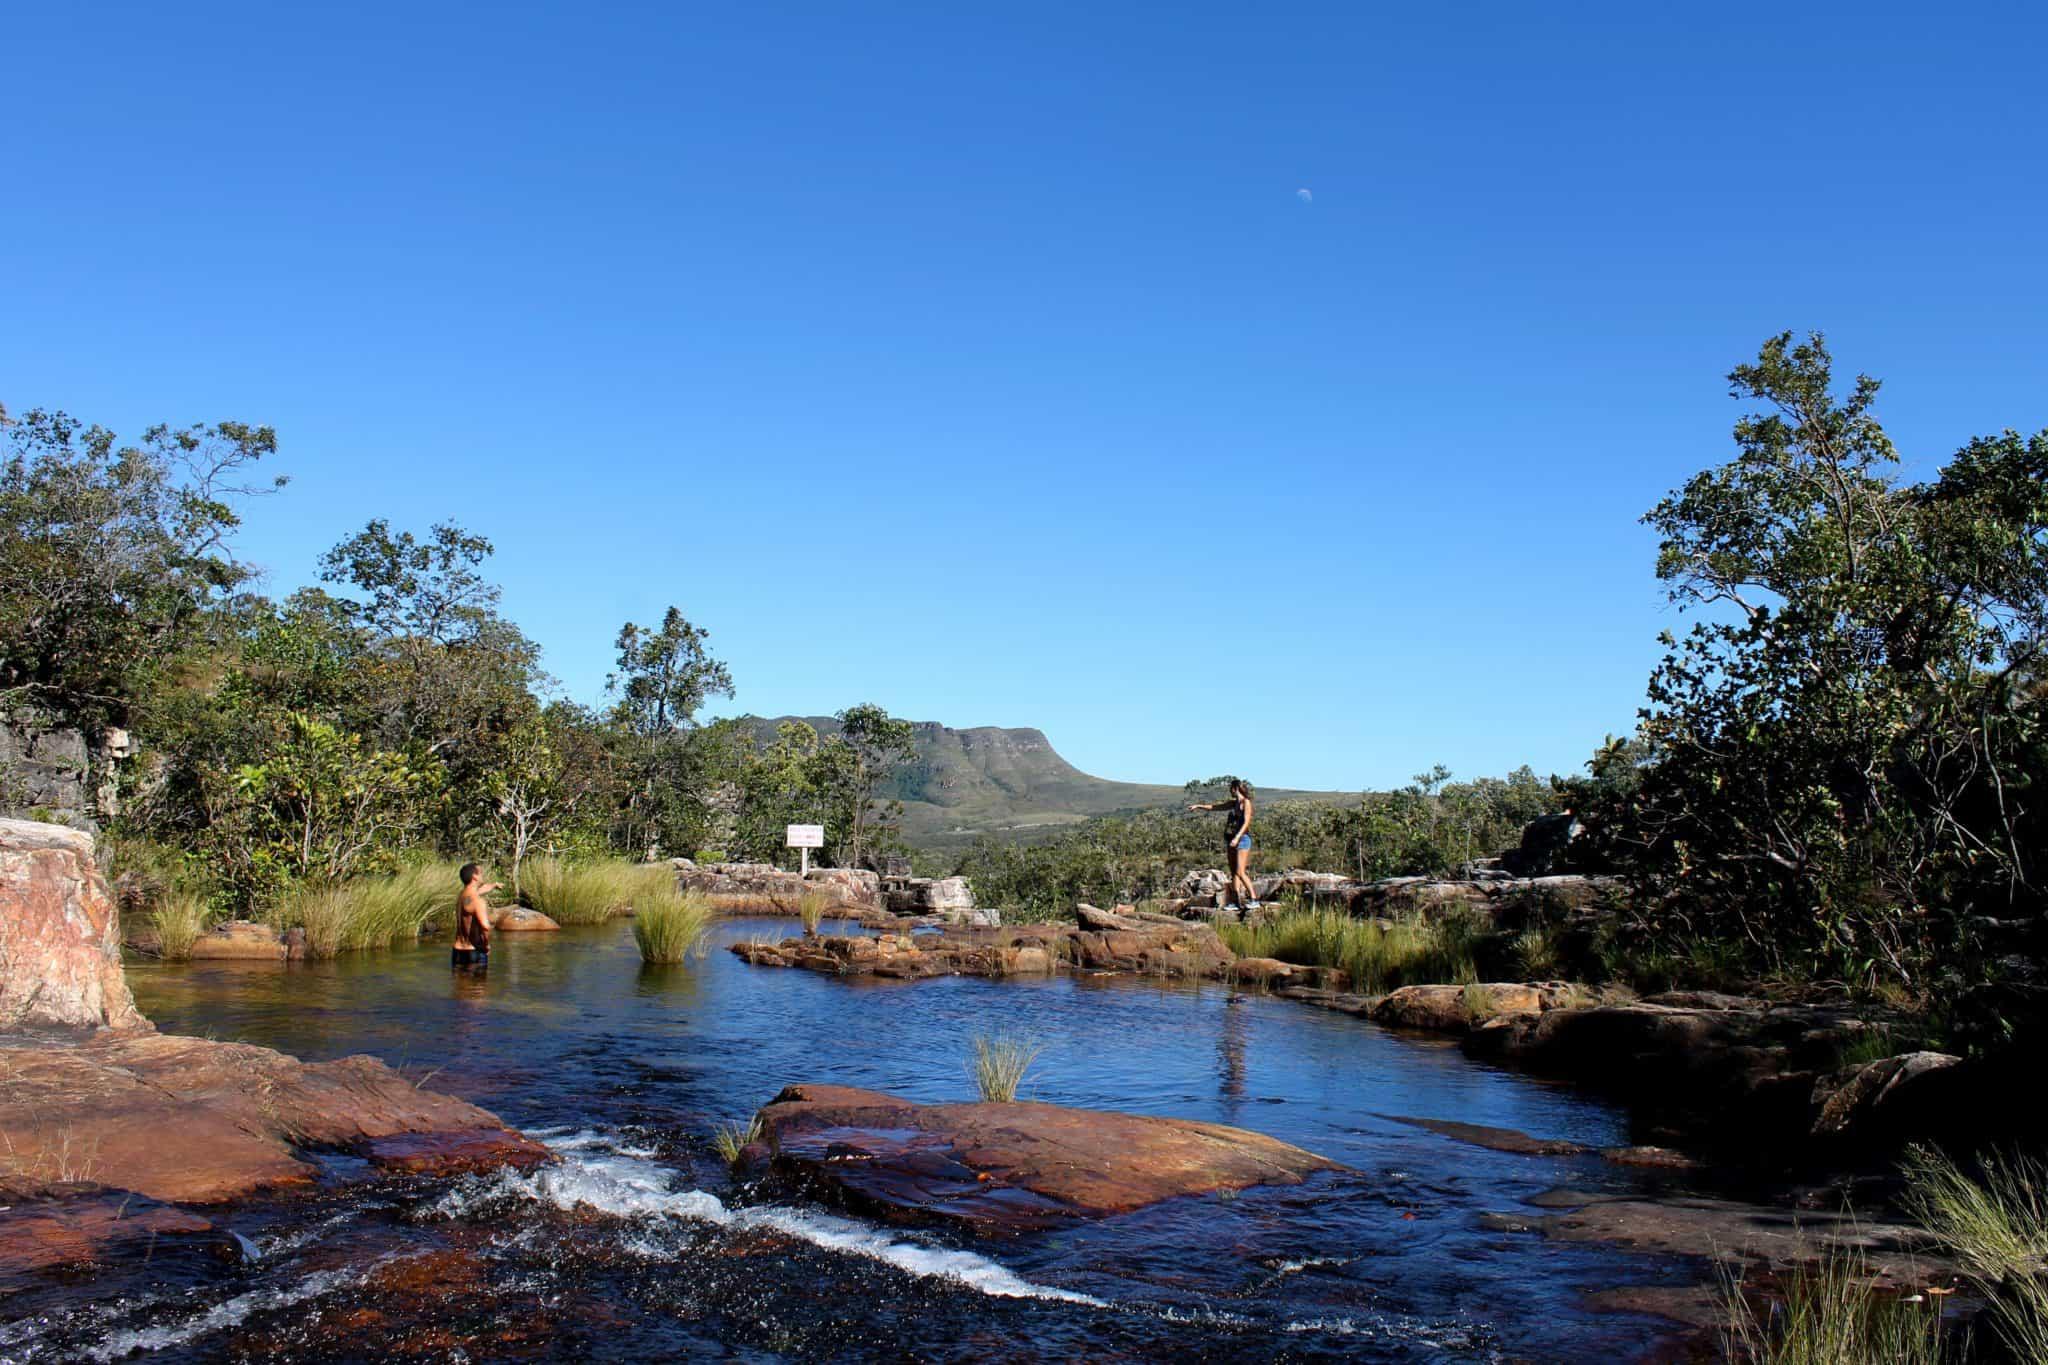 piscinas da cachoeira almécegas I - Chapada dos Veadeiros